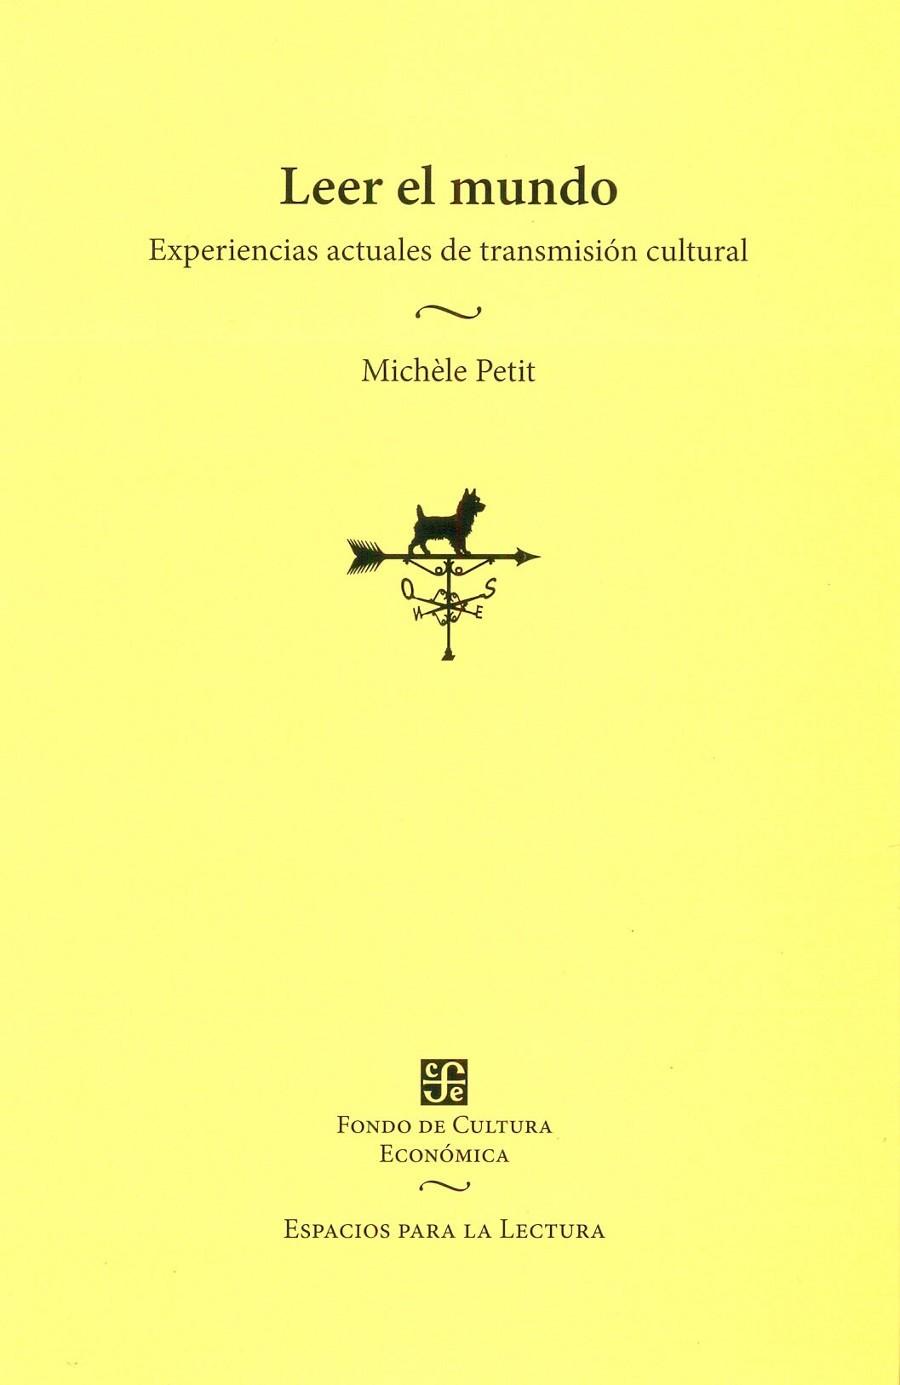 Leer el mundo - Experiencias actuales de transmisión cultural